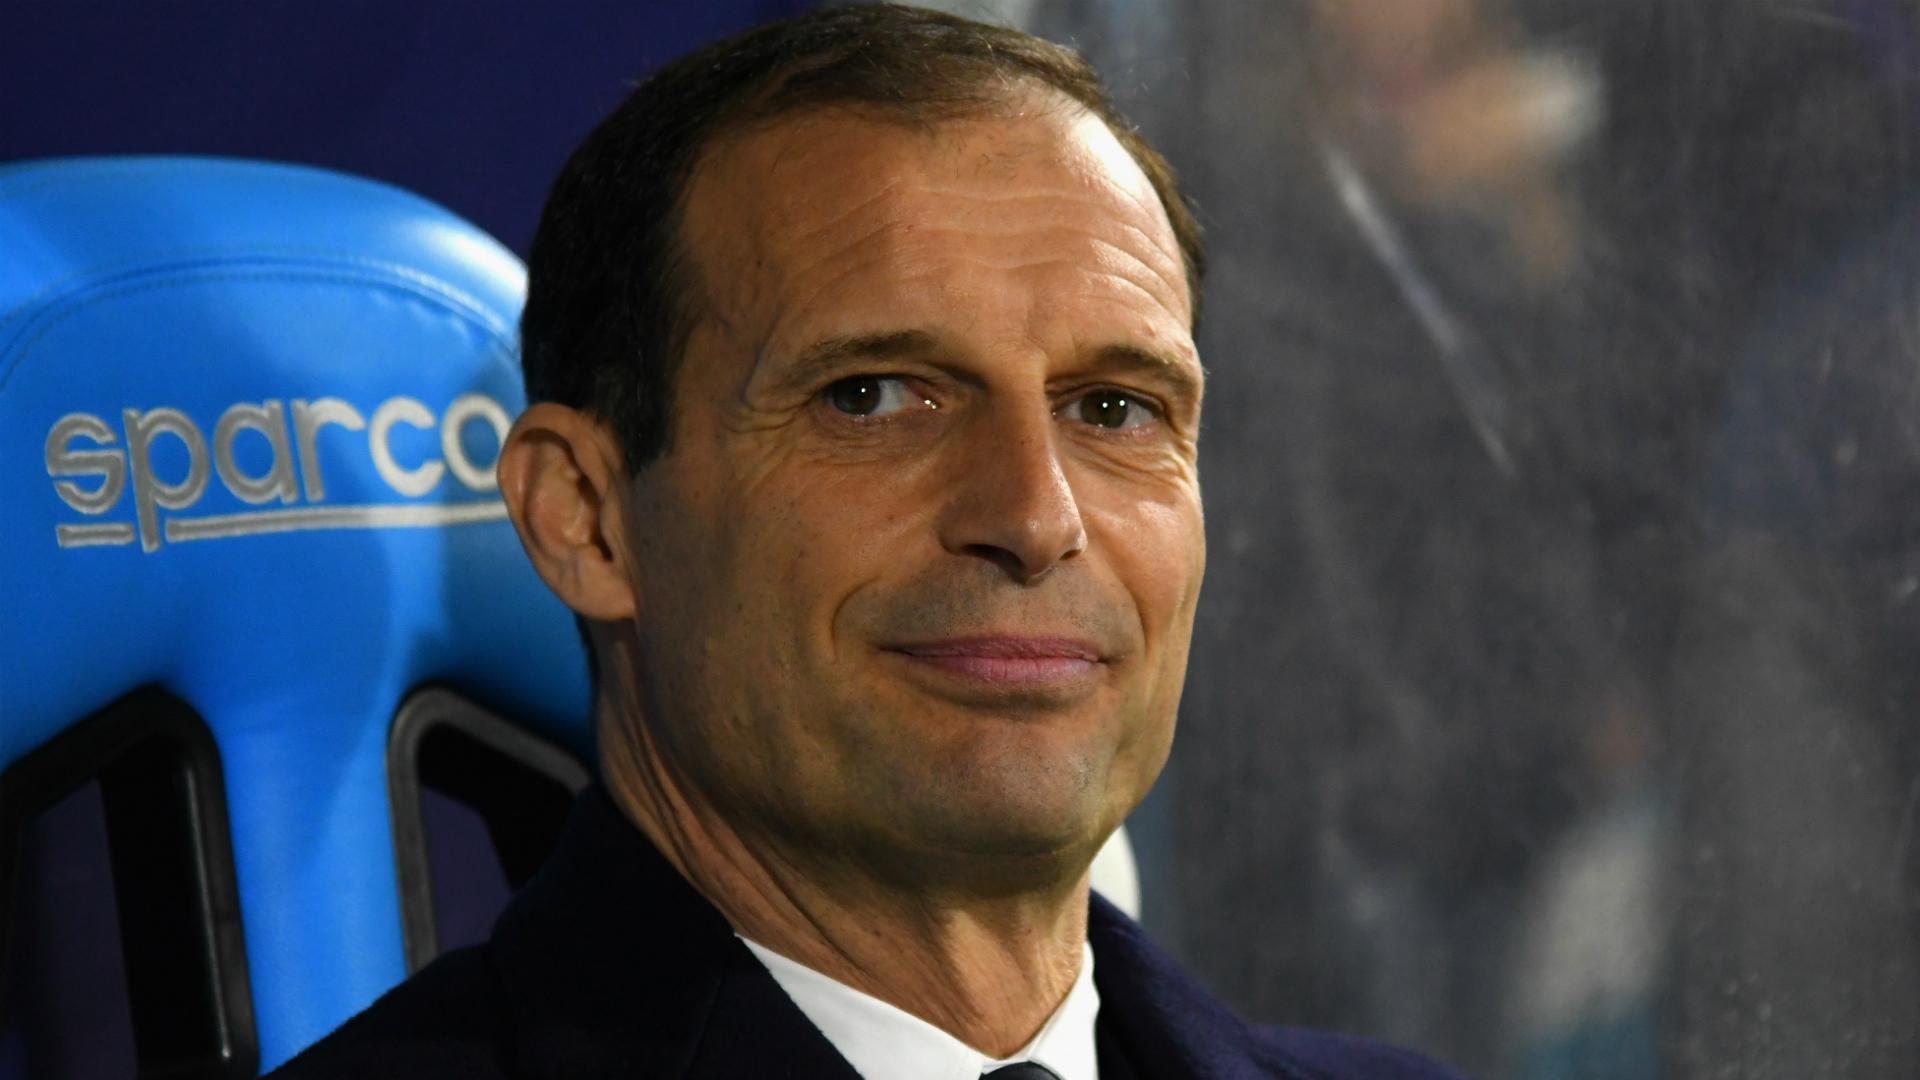 Massimiliano Allegri (Juventus)